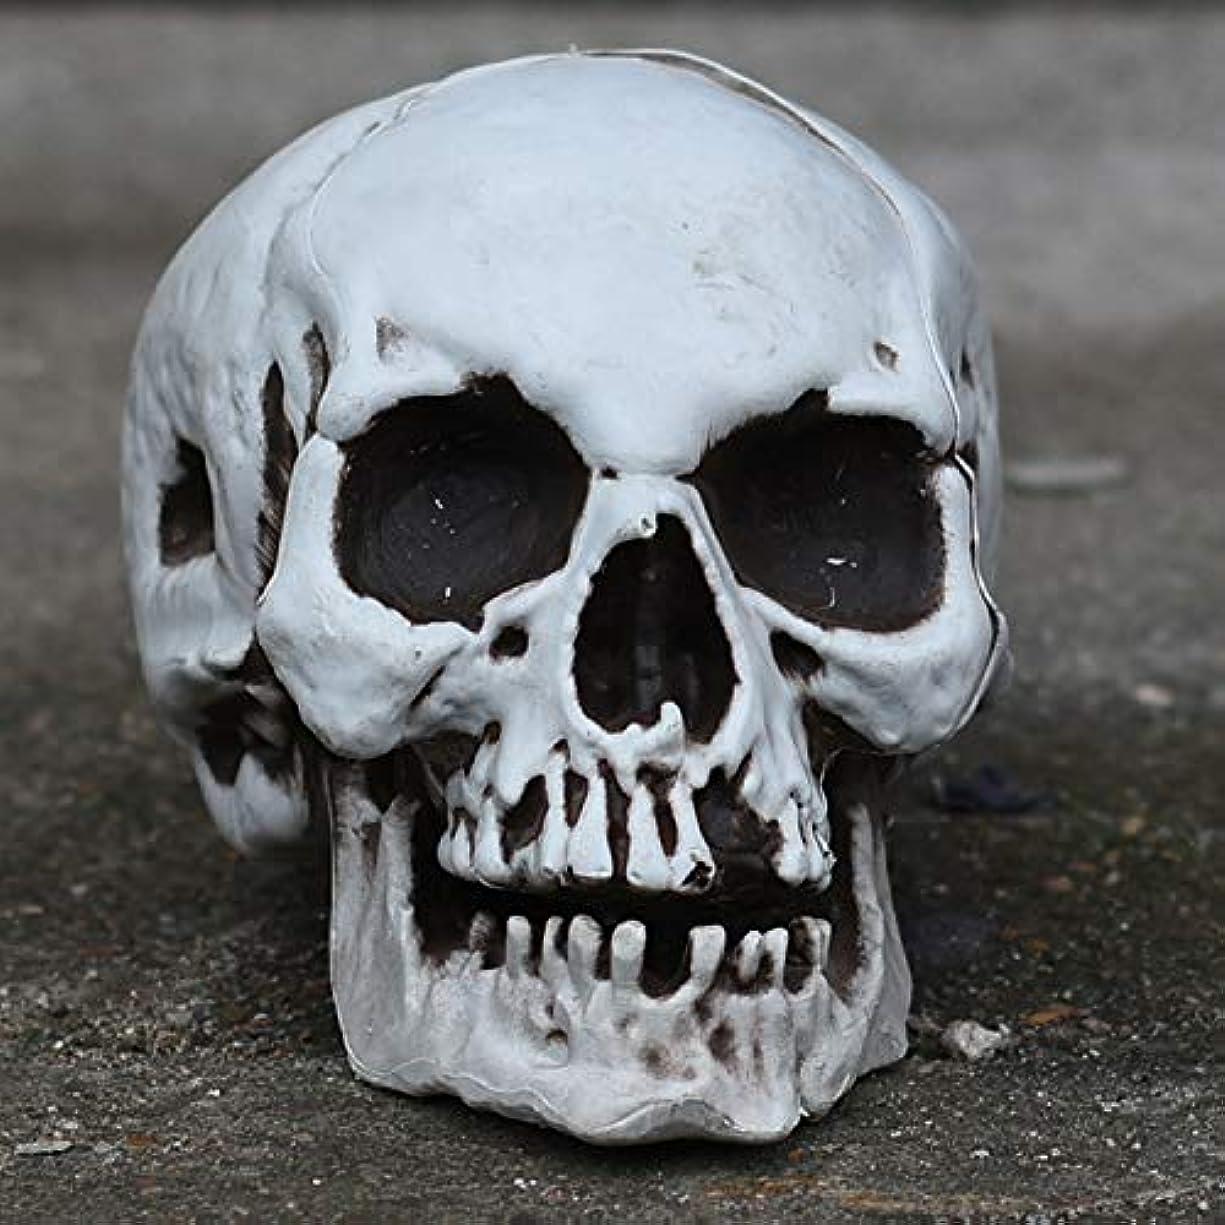 アルネリーガンエレベーターETRRUU HOME 腐ったゴーストハロウィンバーお化け屋敷シークレットルームスカルヘッド装飾品シミュレーション人骨モデルコスプレ装飾